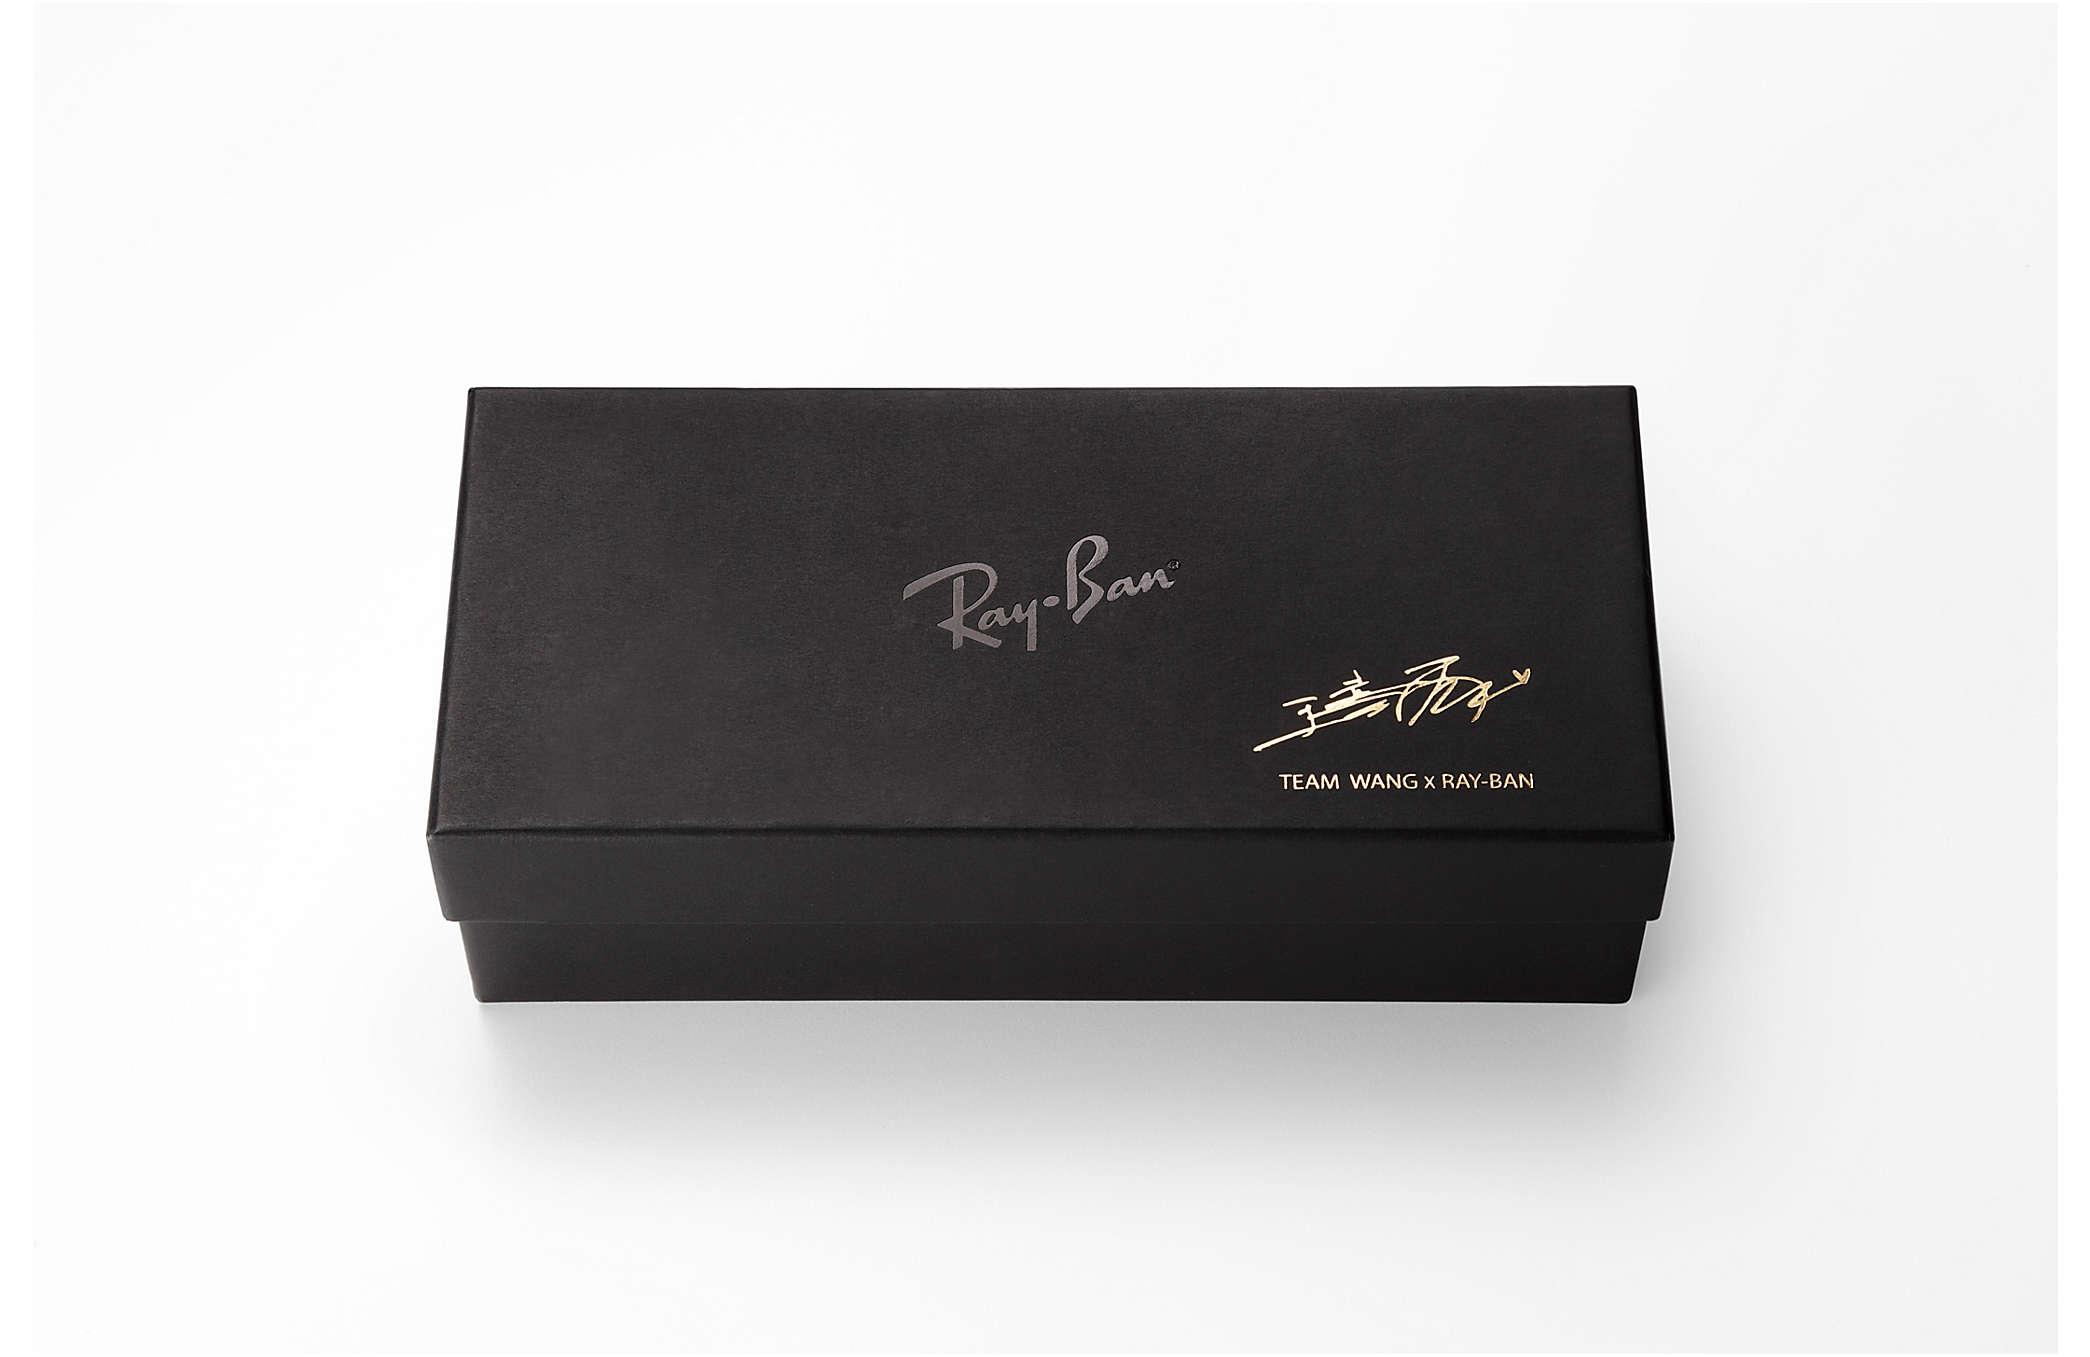 Ray Ban Rb3612 Team Wang X Ray ban RB3612 Silber Metall